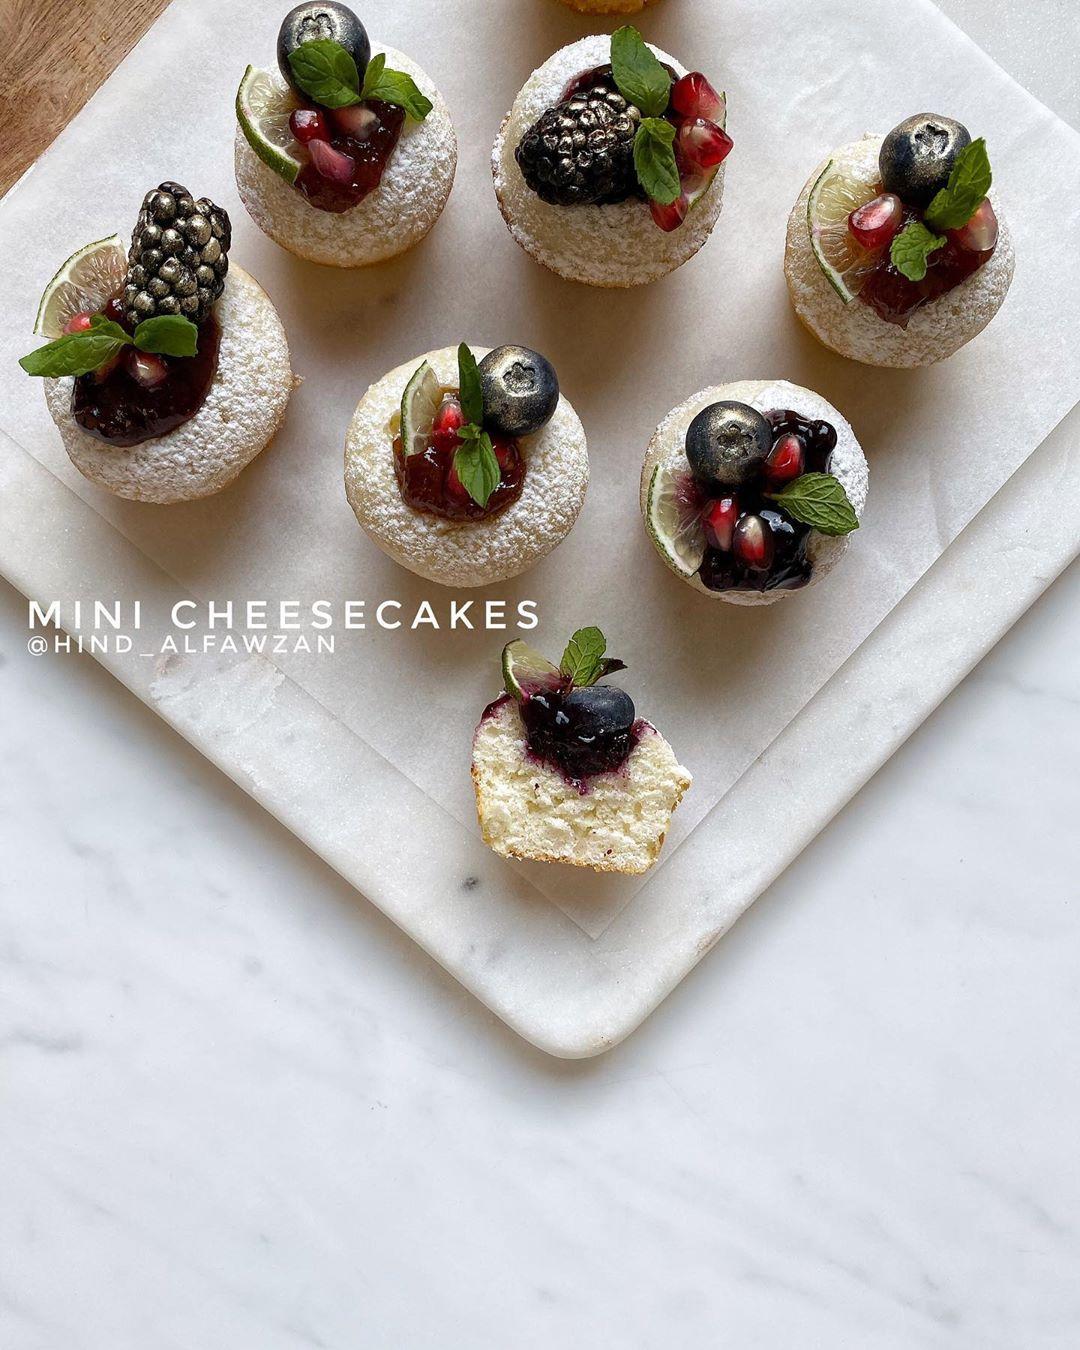 هند الفوزان On Instagram كيك الجبن بالفواكه Hind Alfawzan المقادير والطريقة نصف علبة خلية الكيك الجاهز كوب وثلاث أرباع من الخ Mini Cupcakes Food Desserts